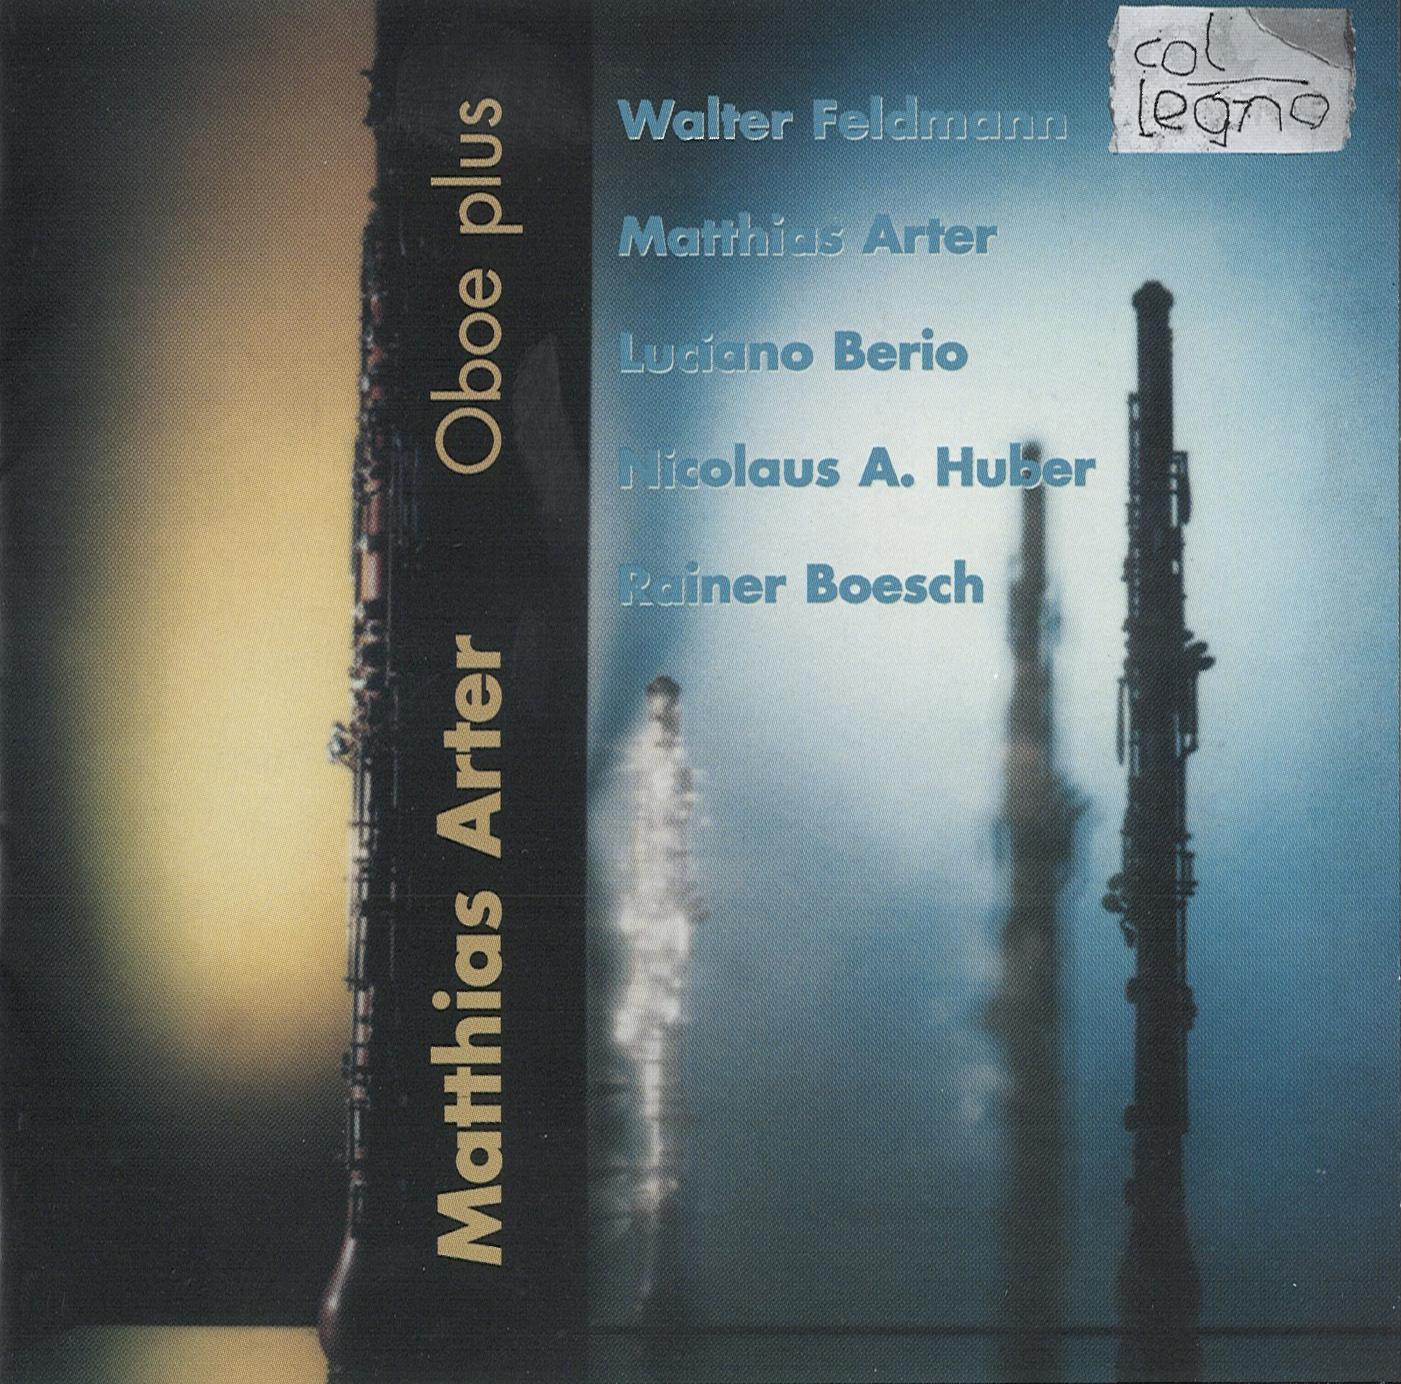 Oboe plus_vorne.jpg